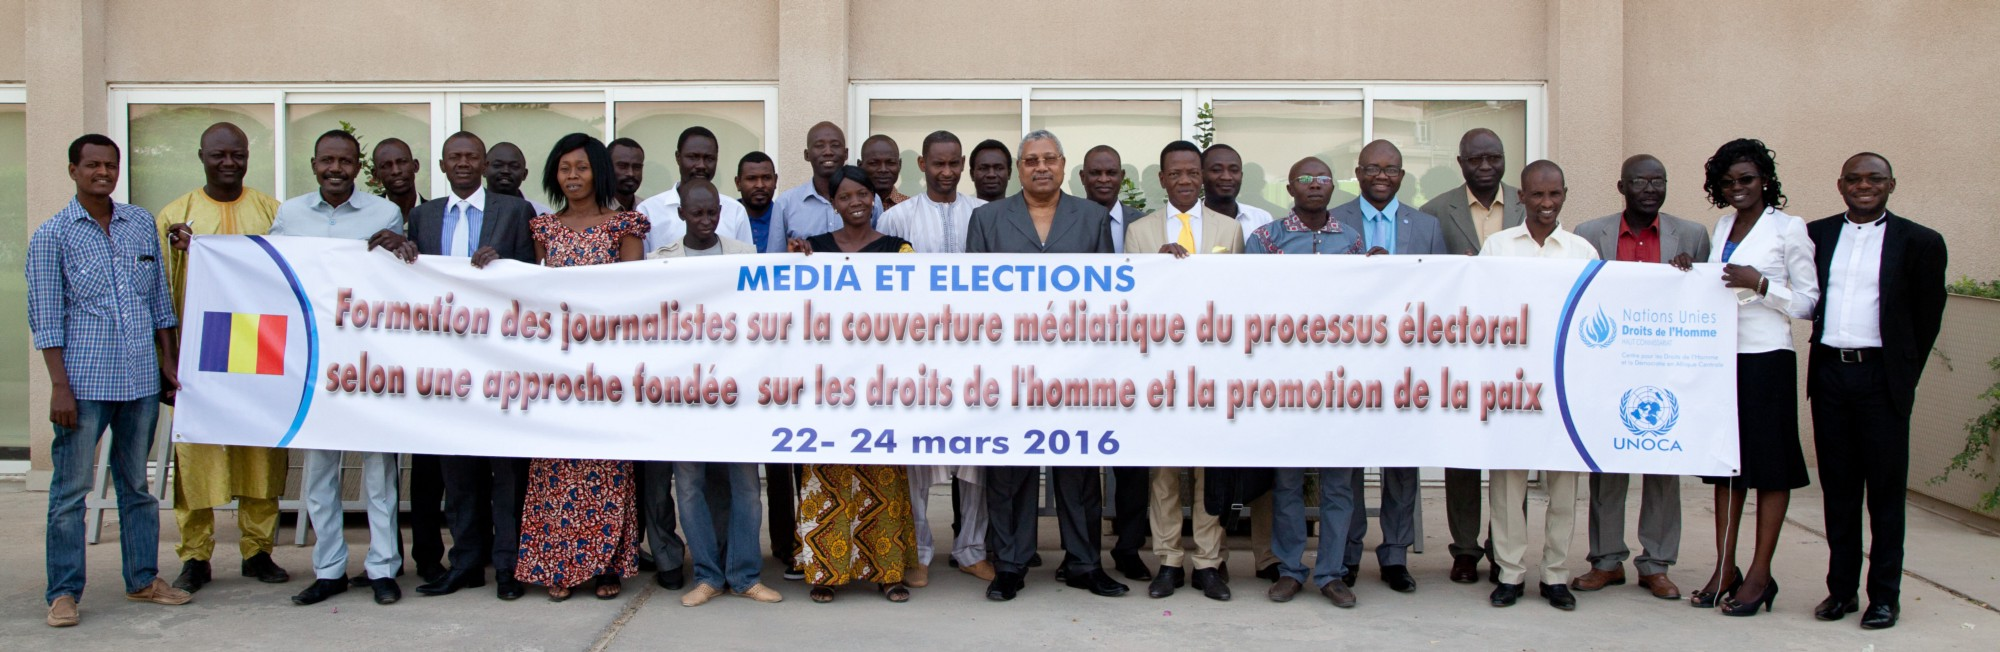 l'ONU sensibilise les médias sur leur rôle dans la promotion d'un processus électoral apaisé au Tchad